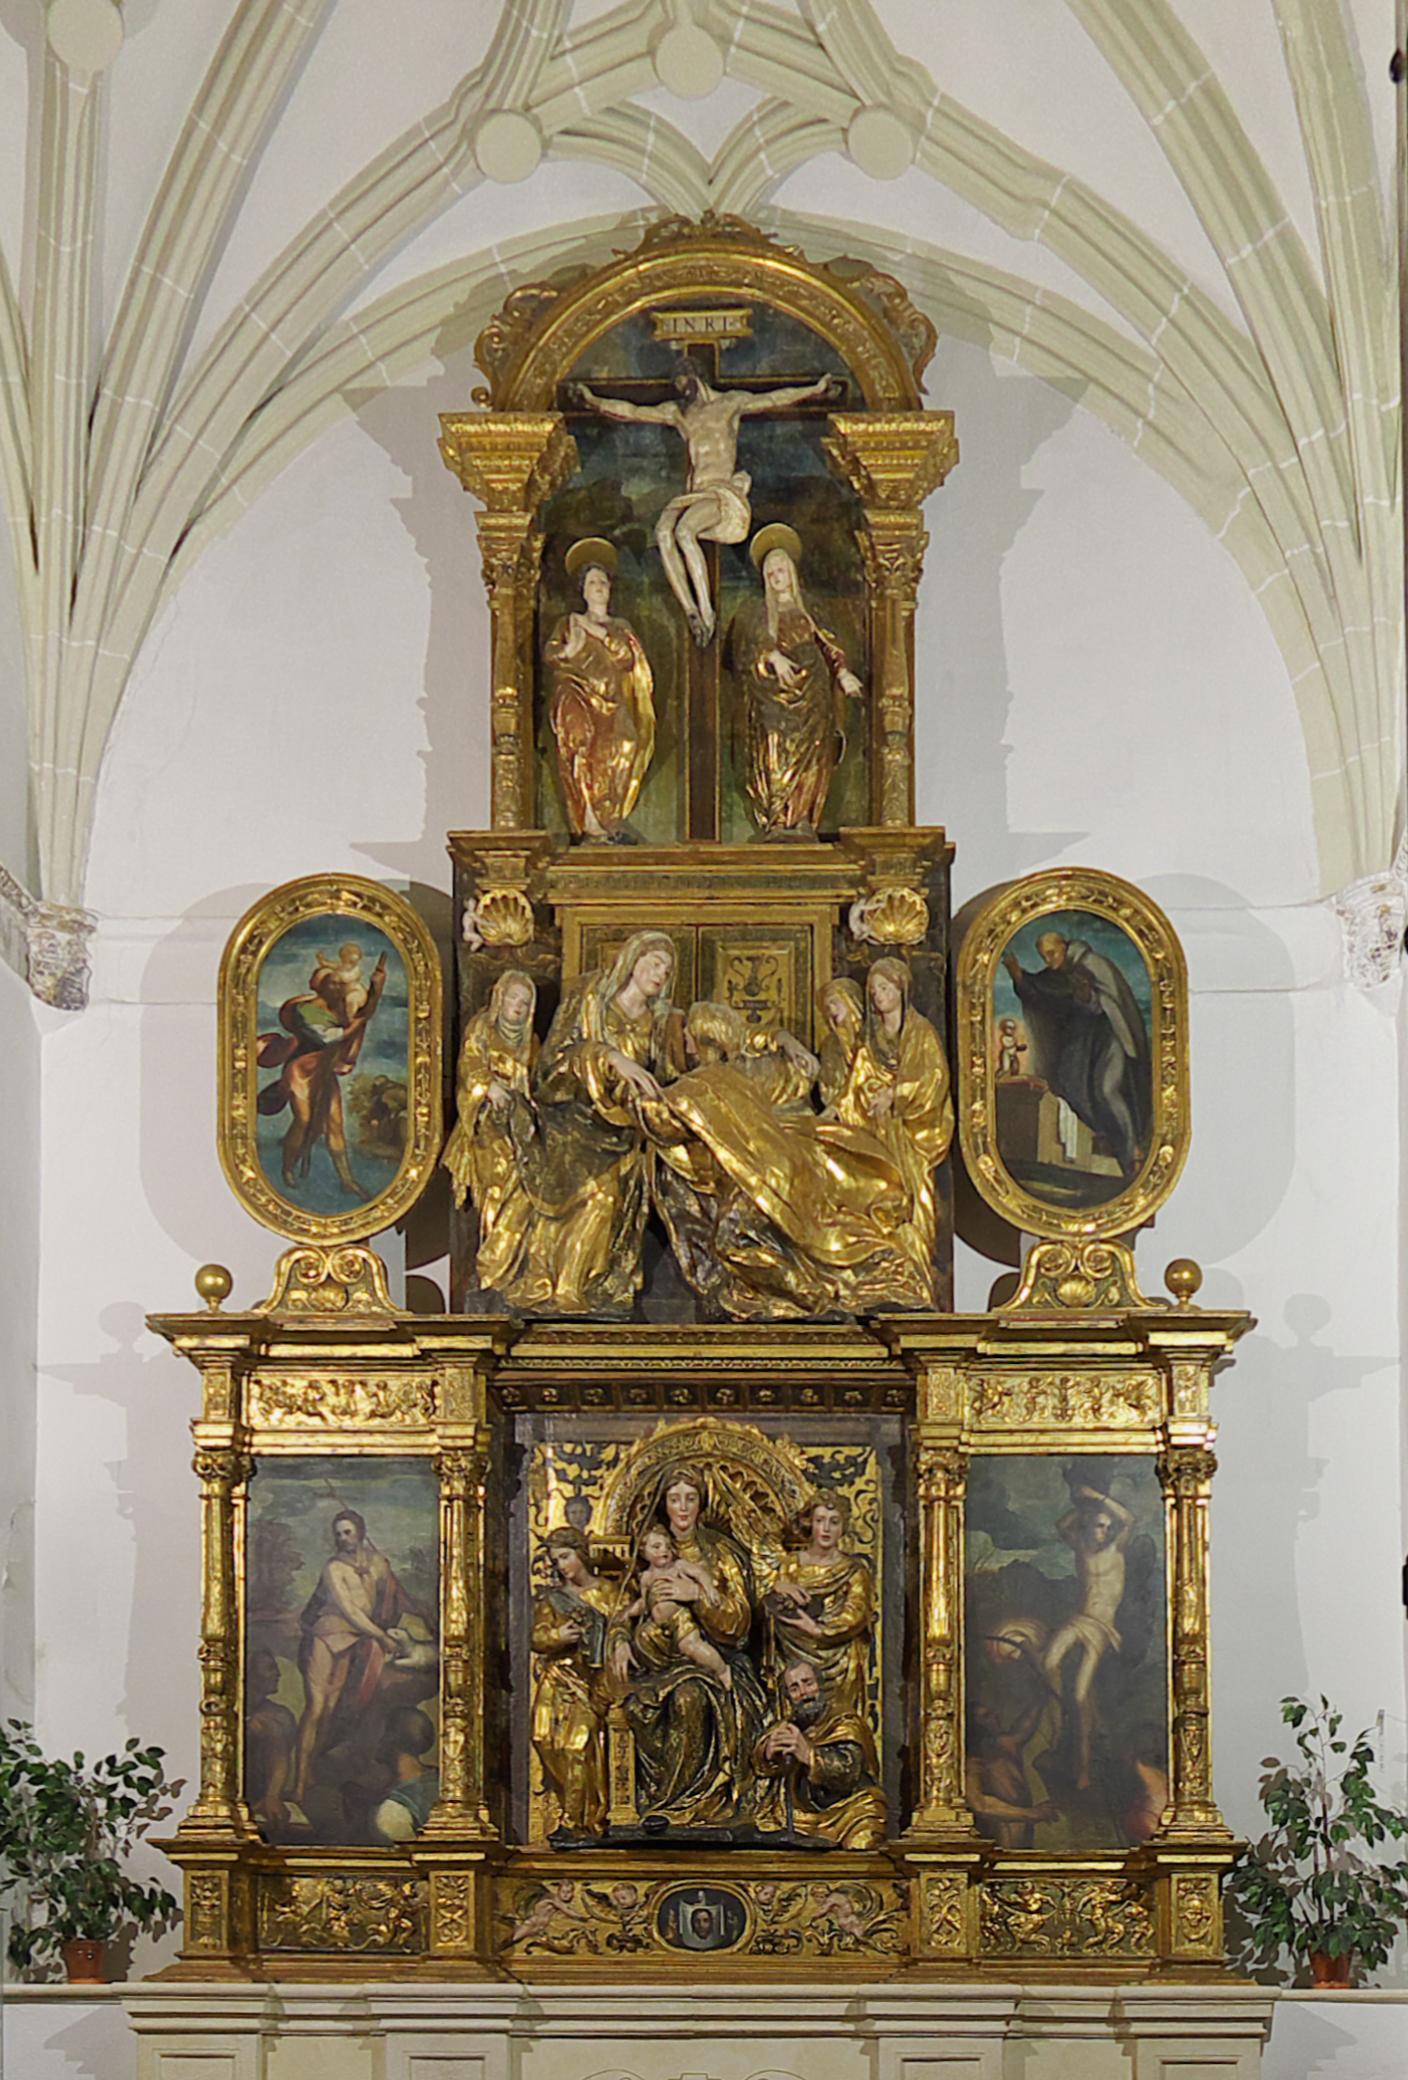 https://upload.wikimedia.org/wikipedia/commons/7/75/Convento_de_Santa_%C3%9Arsula_%28Toledo%29._Capilla_de_San_Nicol%C3%A1s_de_Tolentino-2.jpg